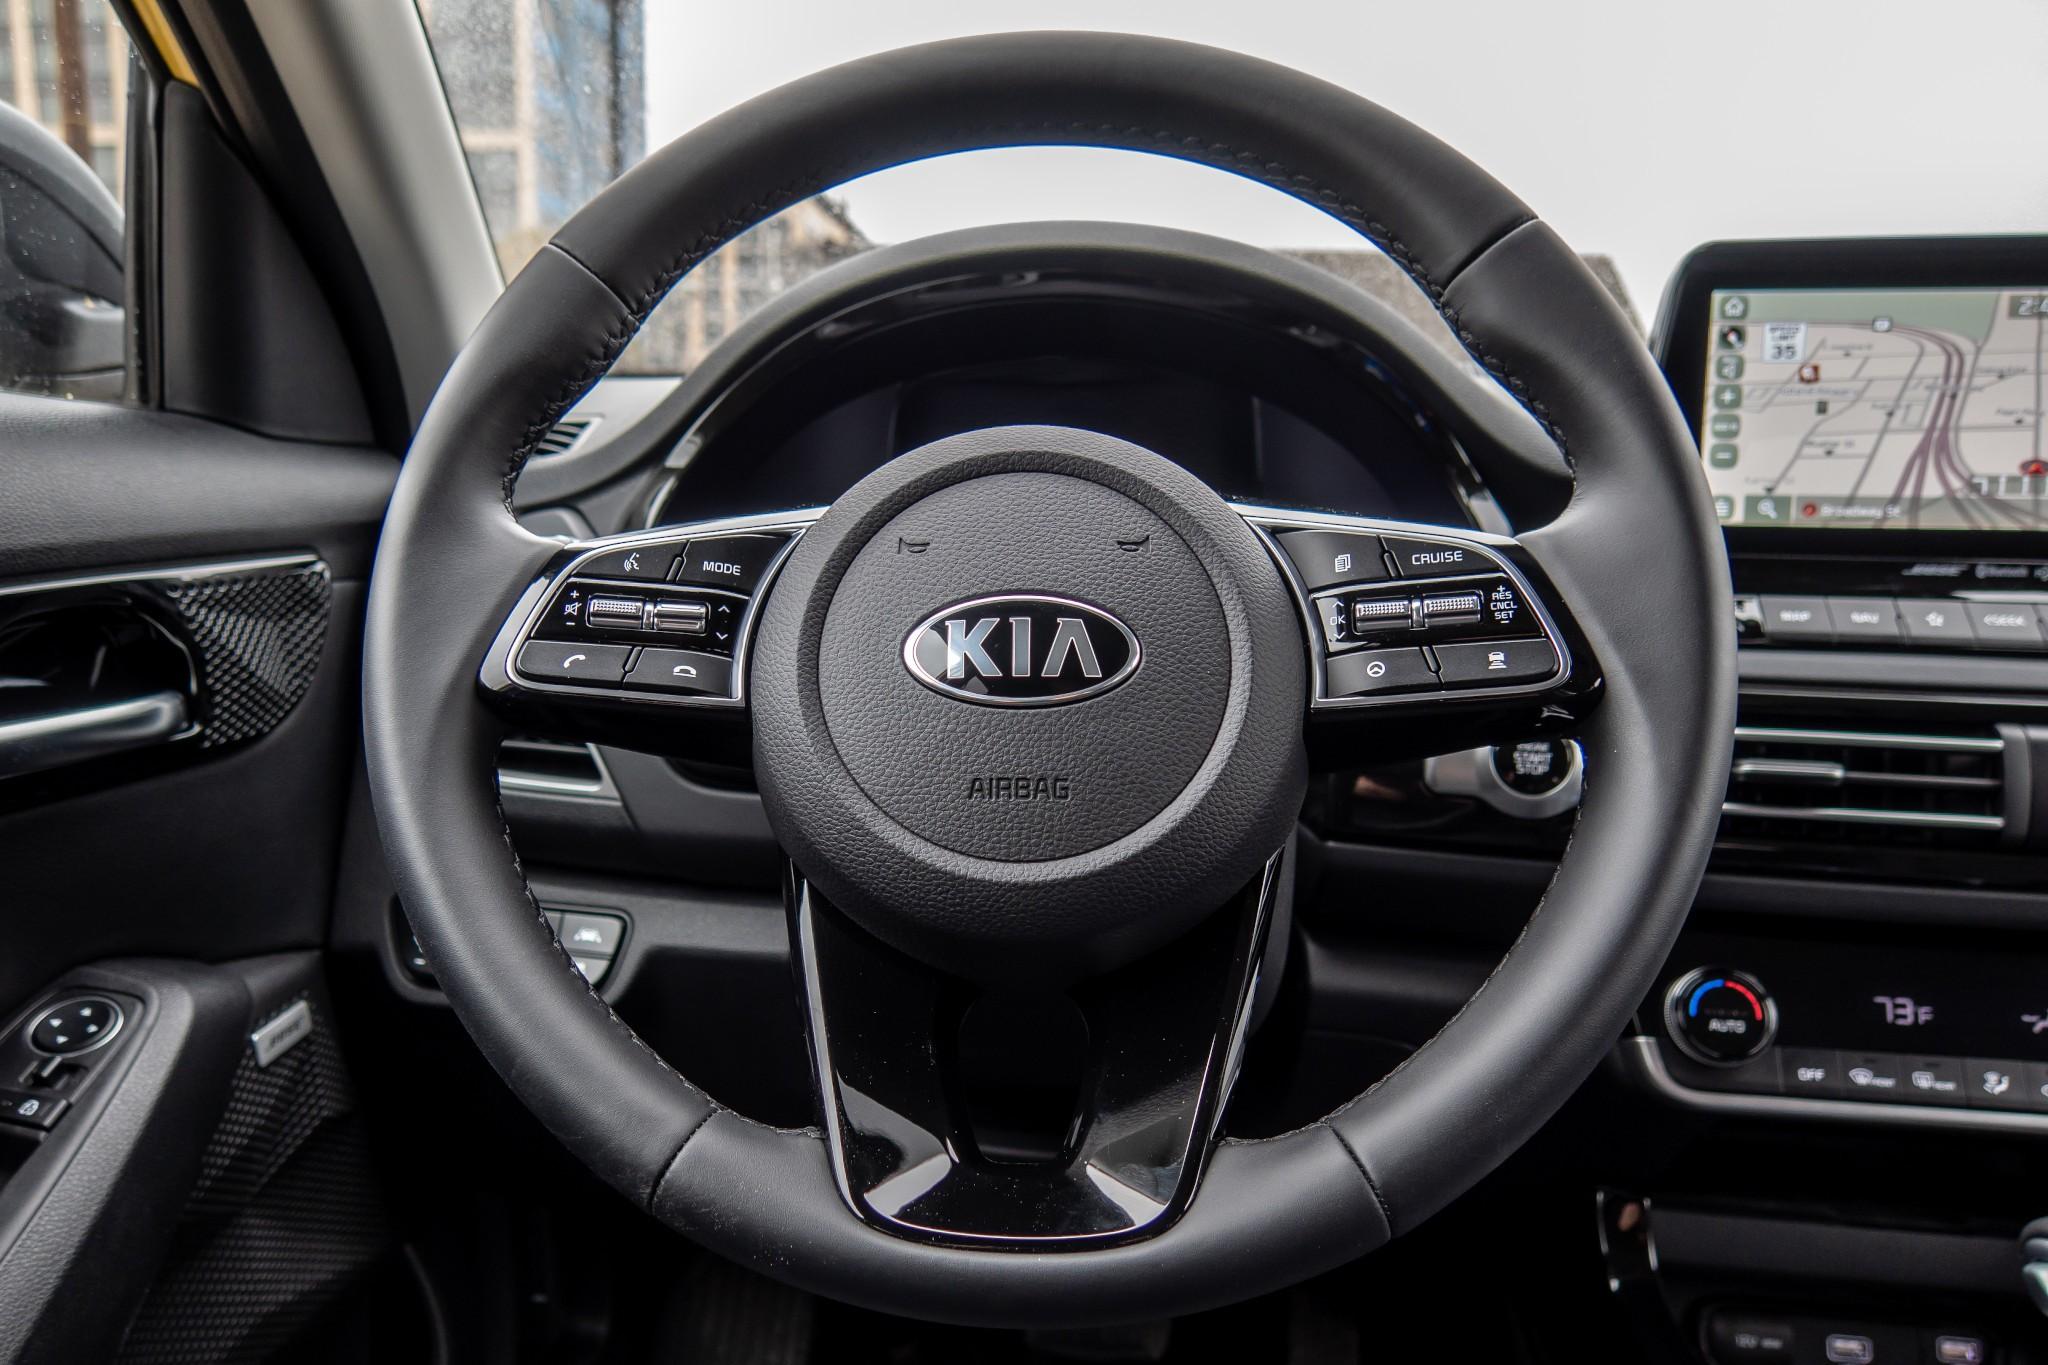 Where Is Kia Made?